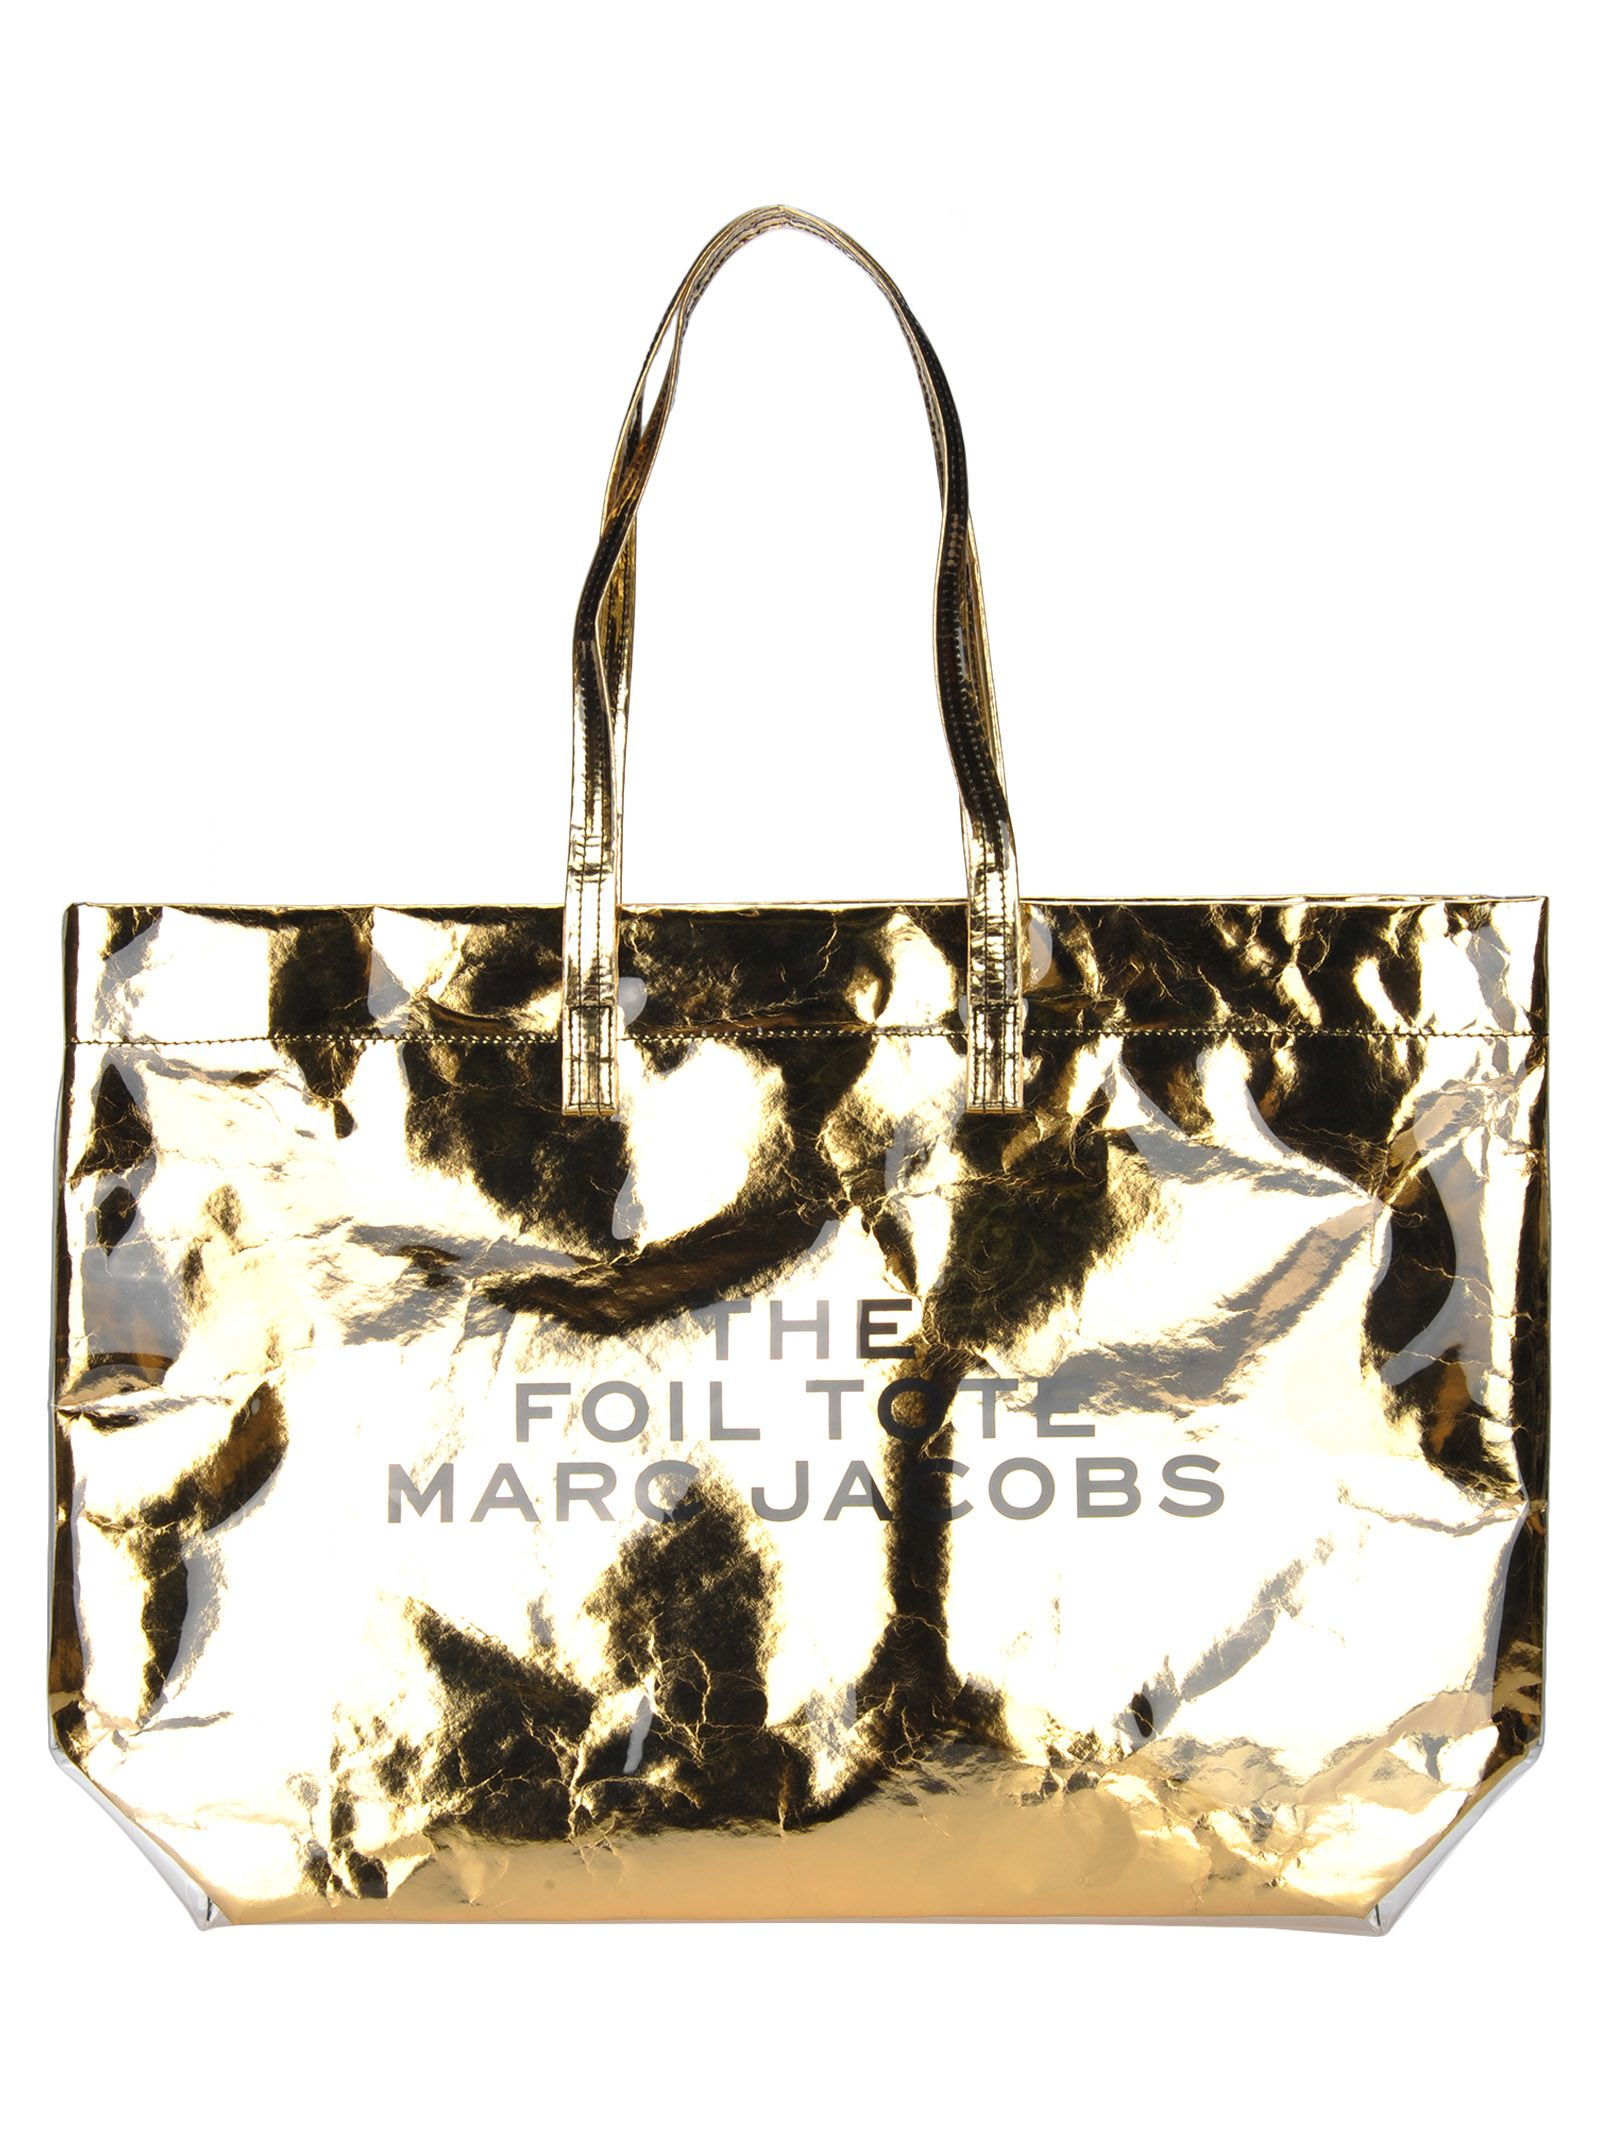 cbf3719e3030 Marc Jacobs Marc Jacobs The Foil Tote - GOLD - 10885549